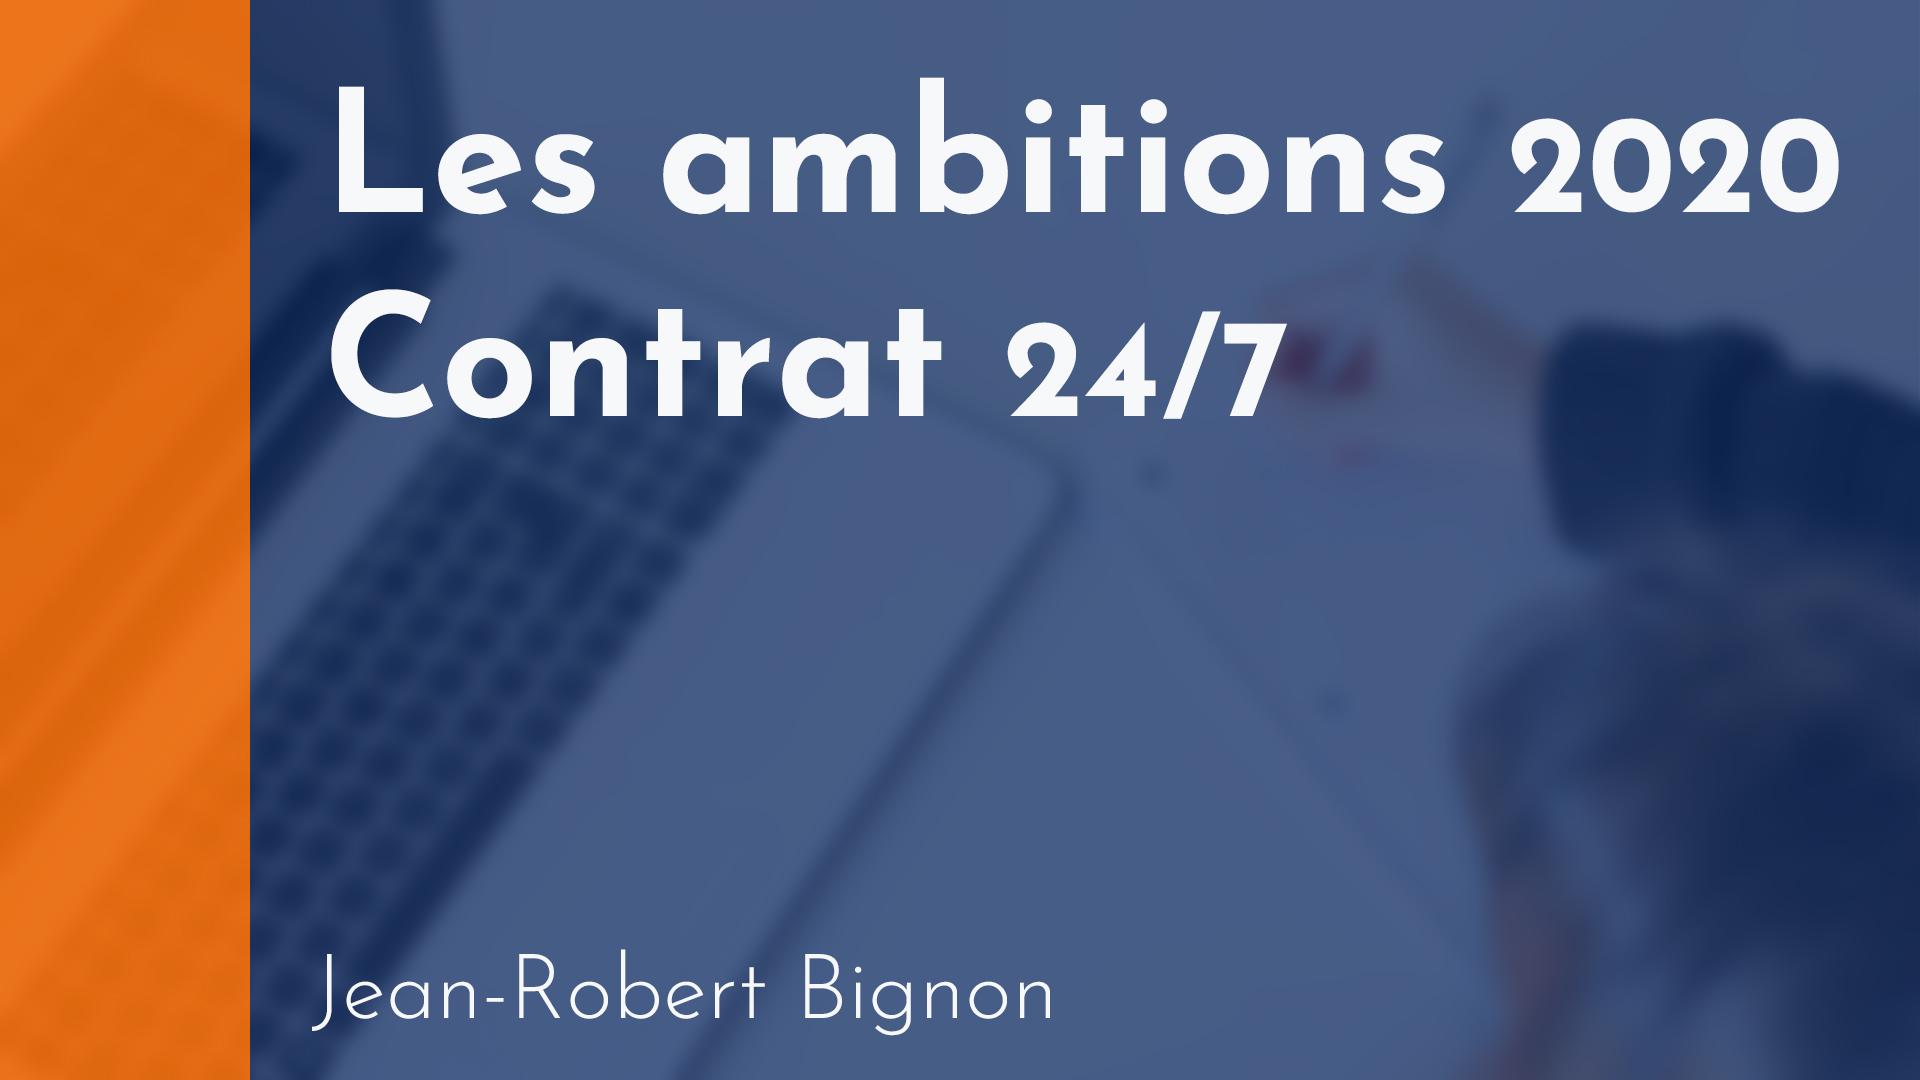 Copropriété - Les ambitions 2020 / Contrat 24/7 - Jean-Robert Bignon